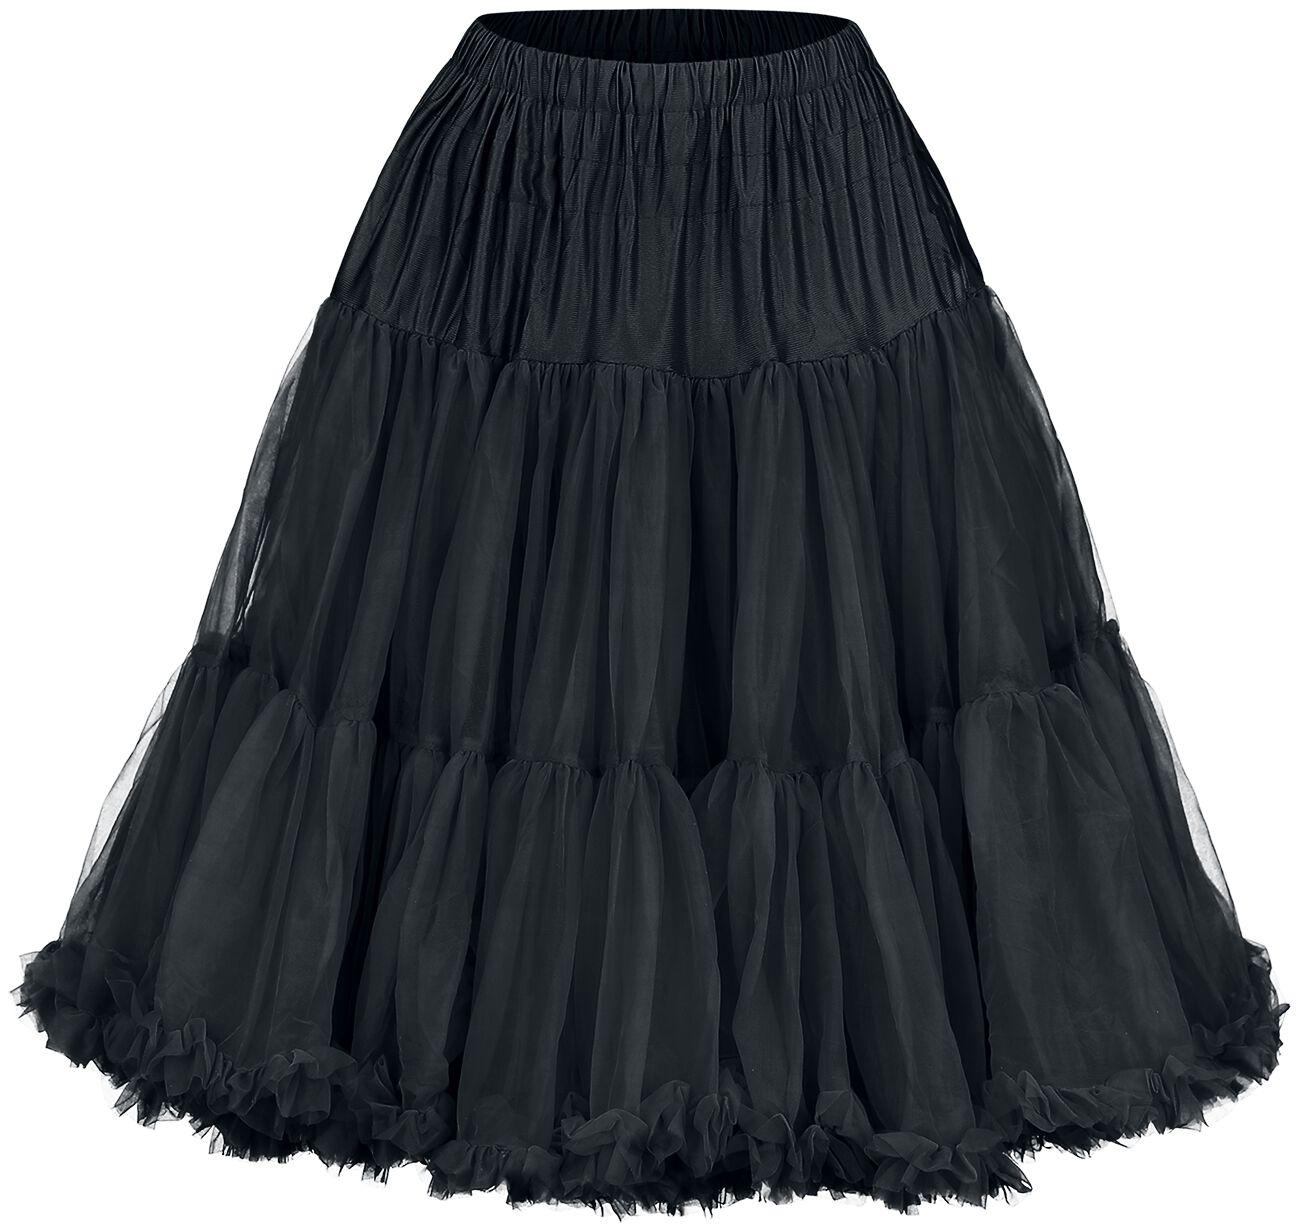 Banned Lifeforms Petticoat Spódnica czarny